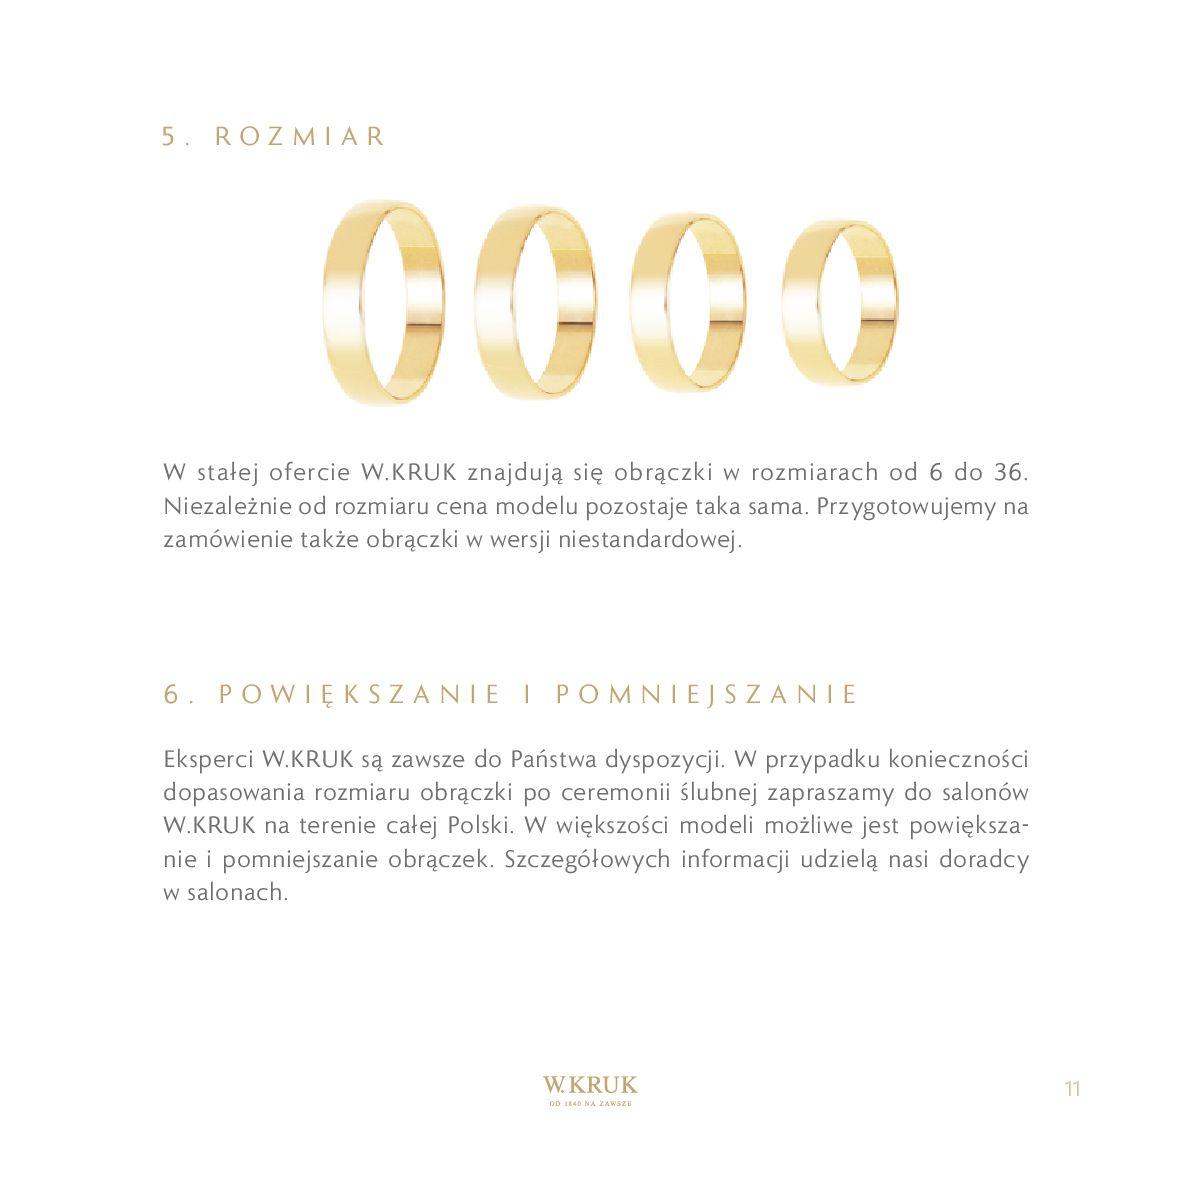 Gazetka W. KRUK: Katalog - Obrączki 2021-02-17 page-13